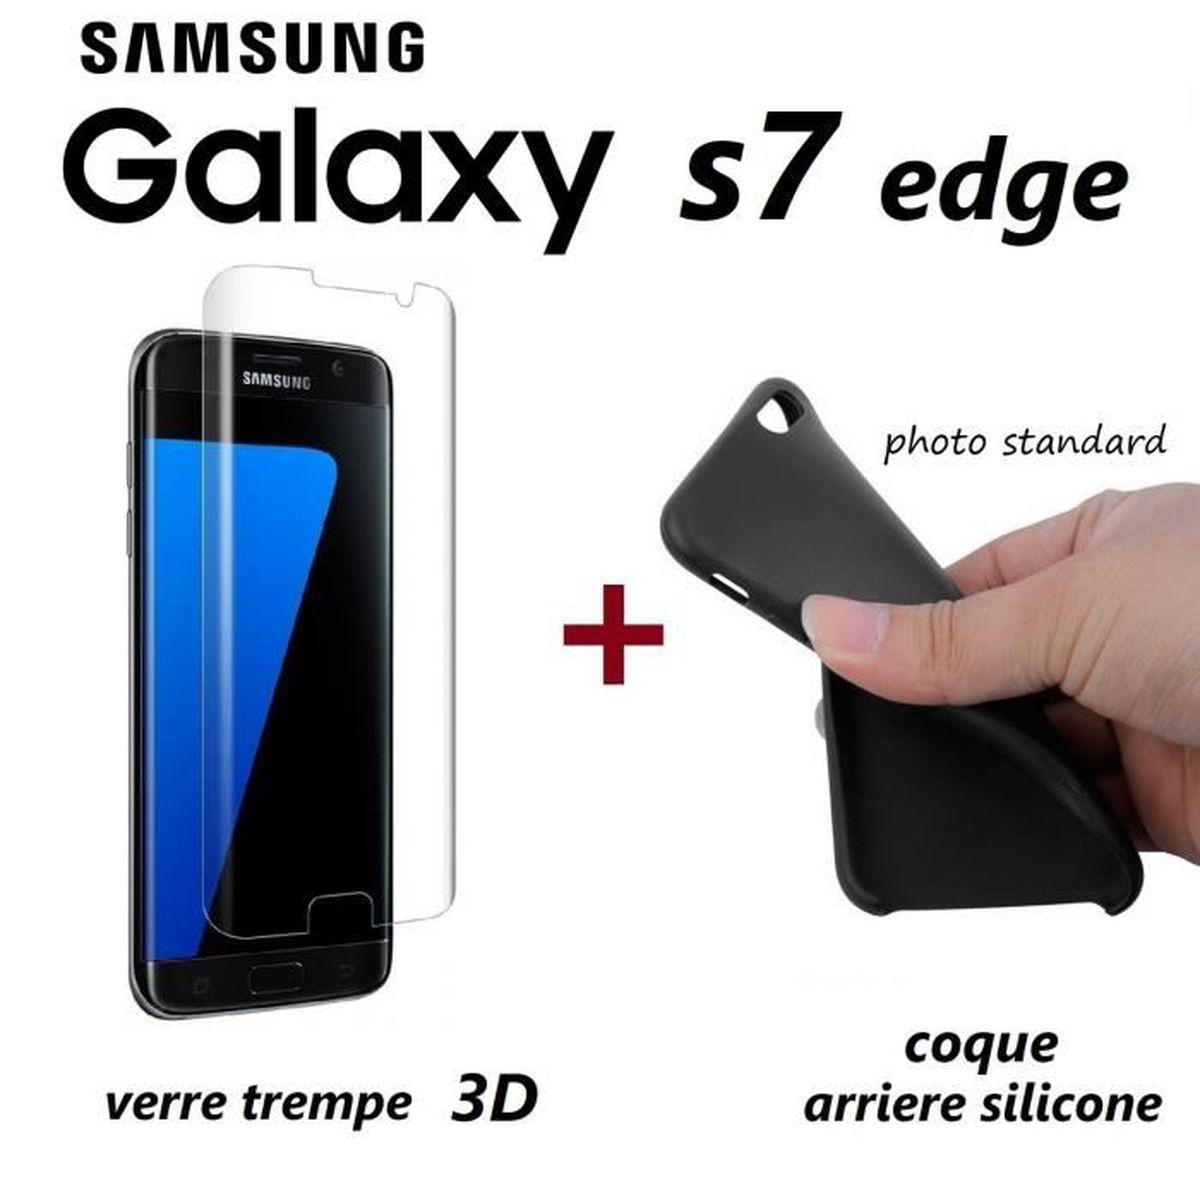 samsung galaxy s7 verre coque